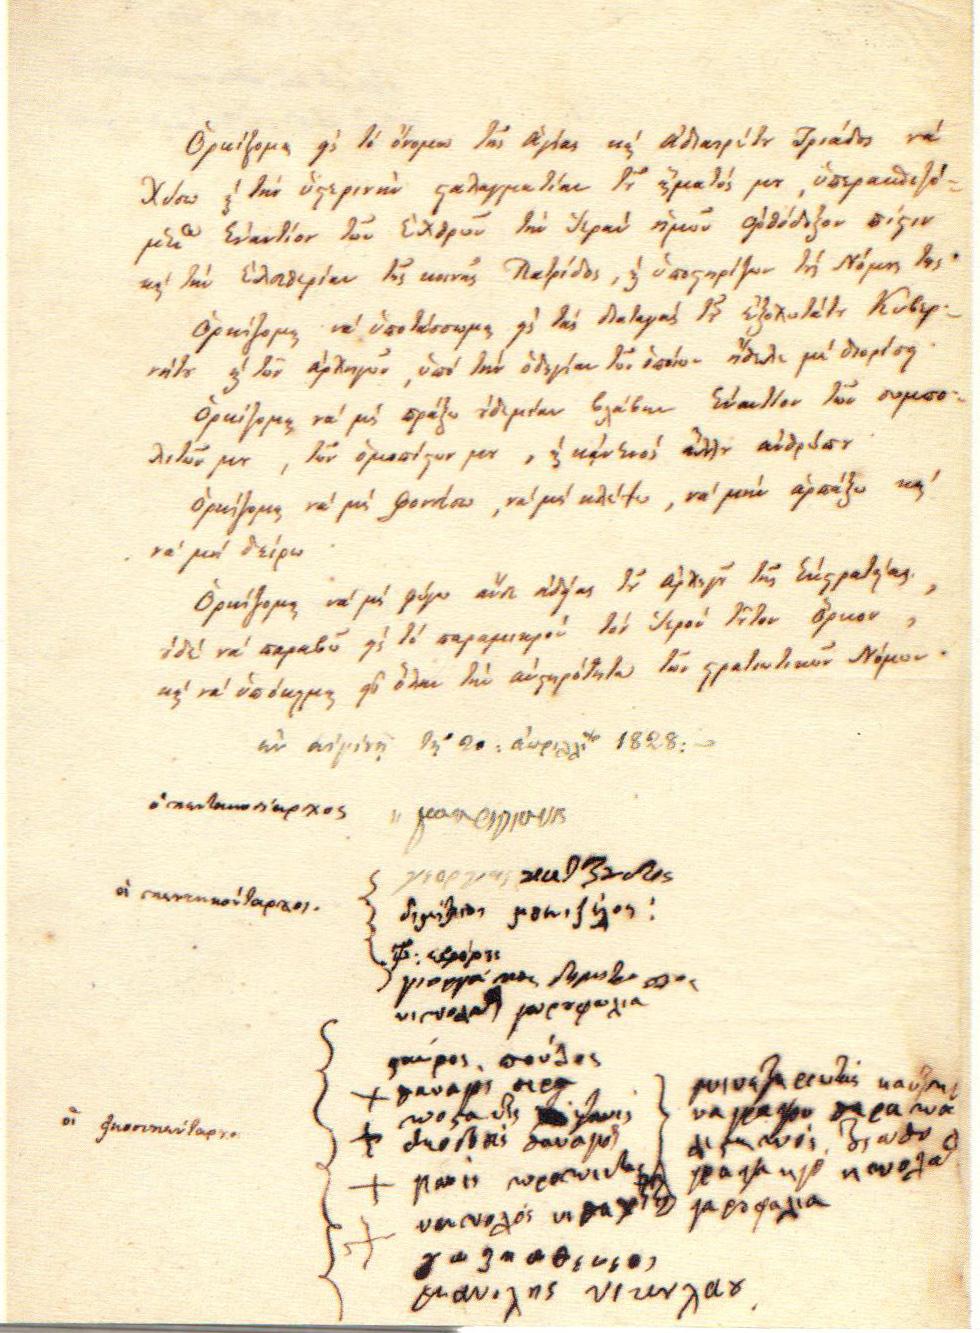 Ο όρκος του Μακρυγιάννη και των υπό τις διαταγές του αξιωματικών, Αίγινα, 20 Απριλίου 1828